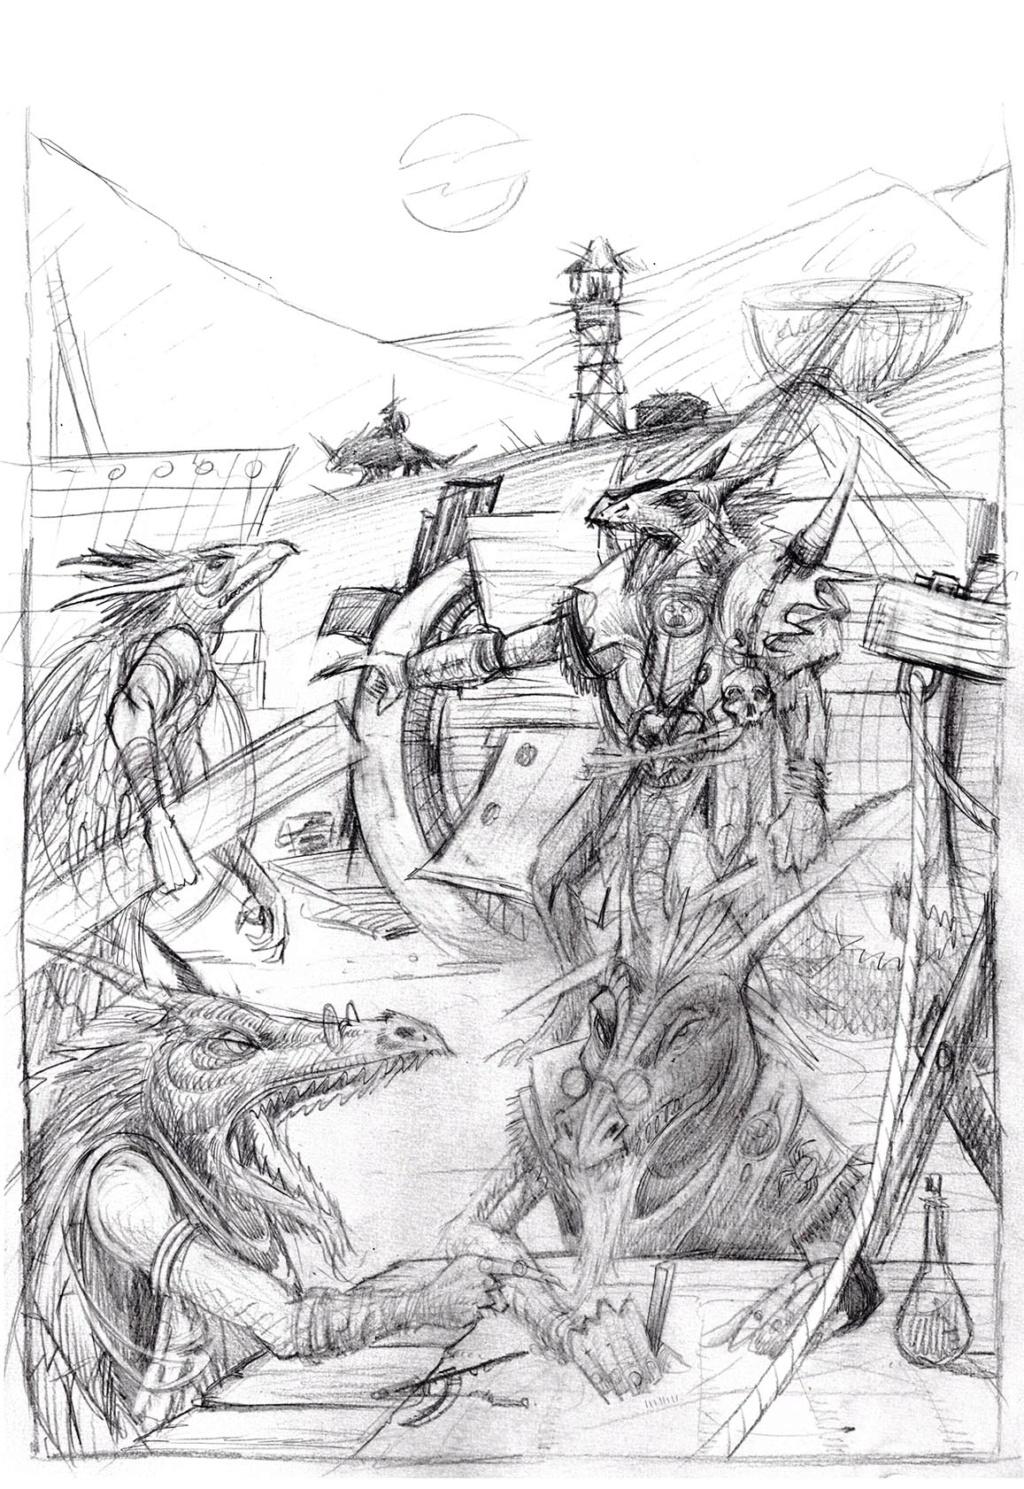 Du brouillon à la finalisation - Page 6 Grukk10